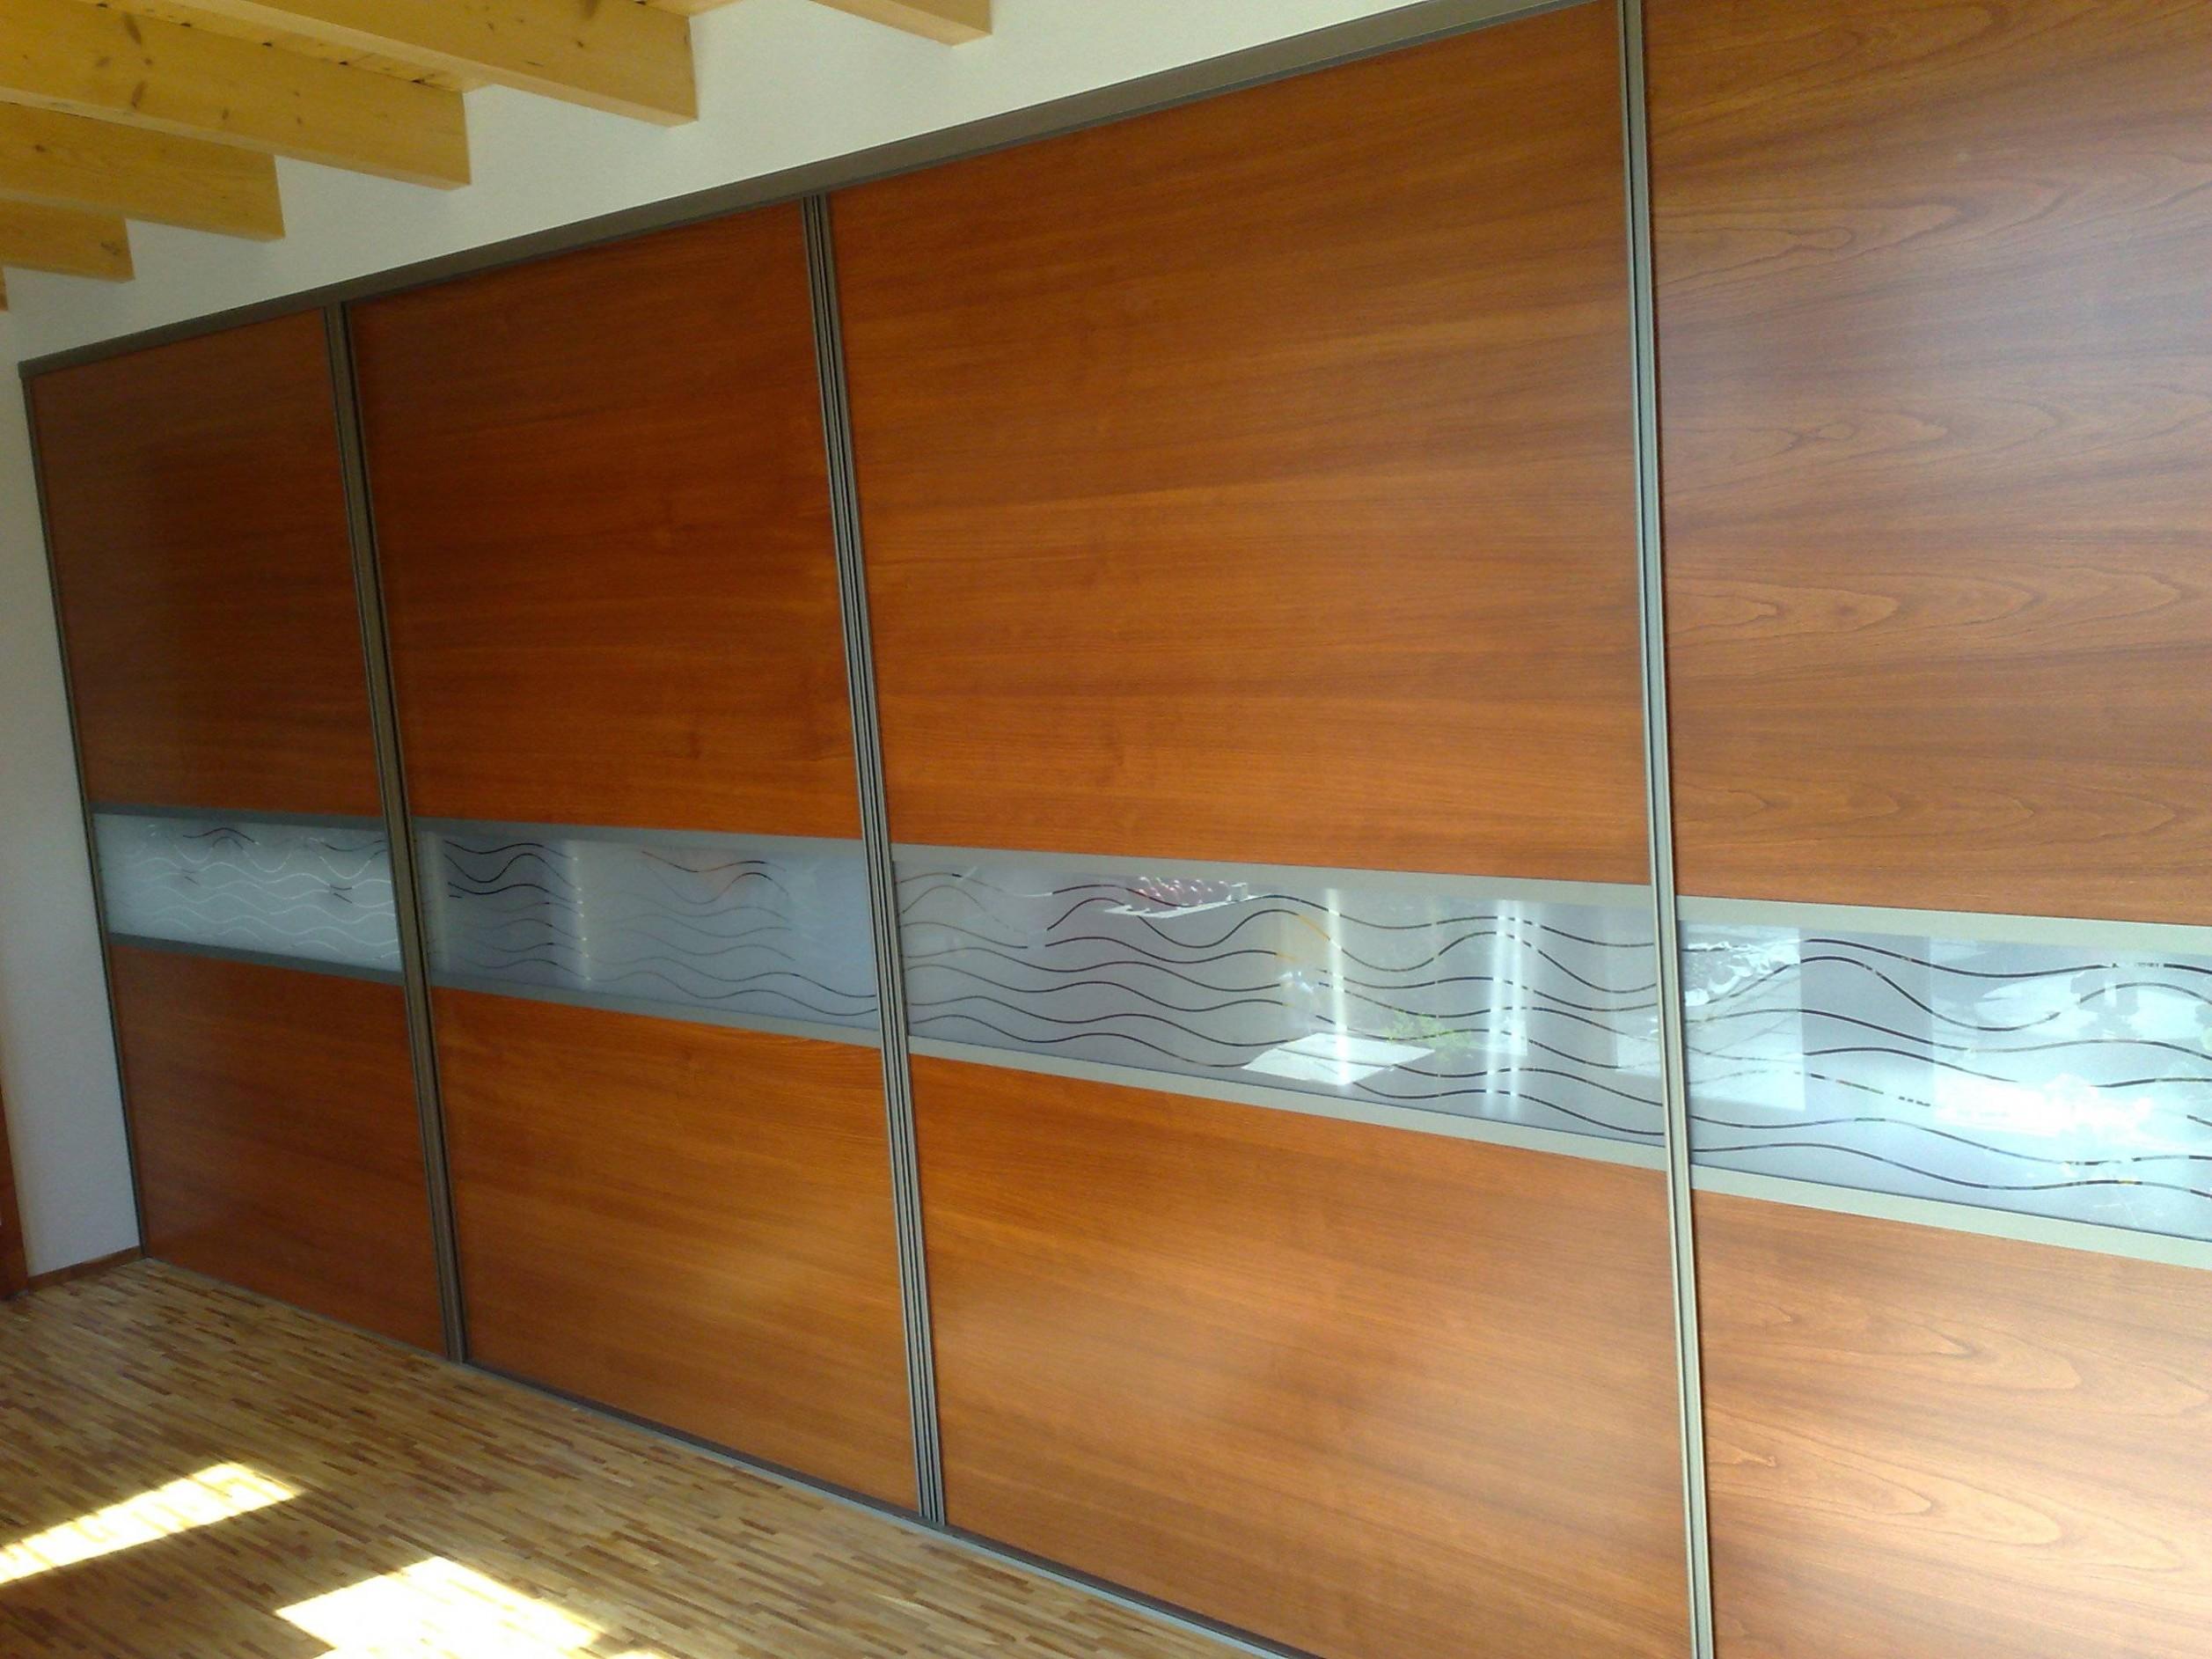 Nábytek Mrázek   Sériová a zakázková výroba nábytku - Zlín